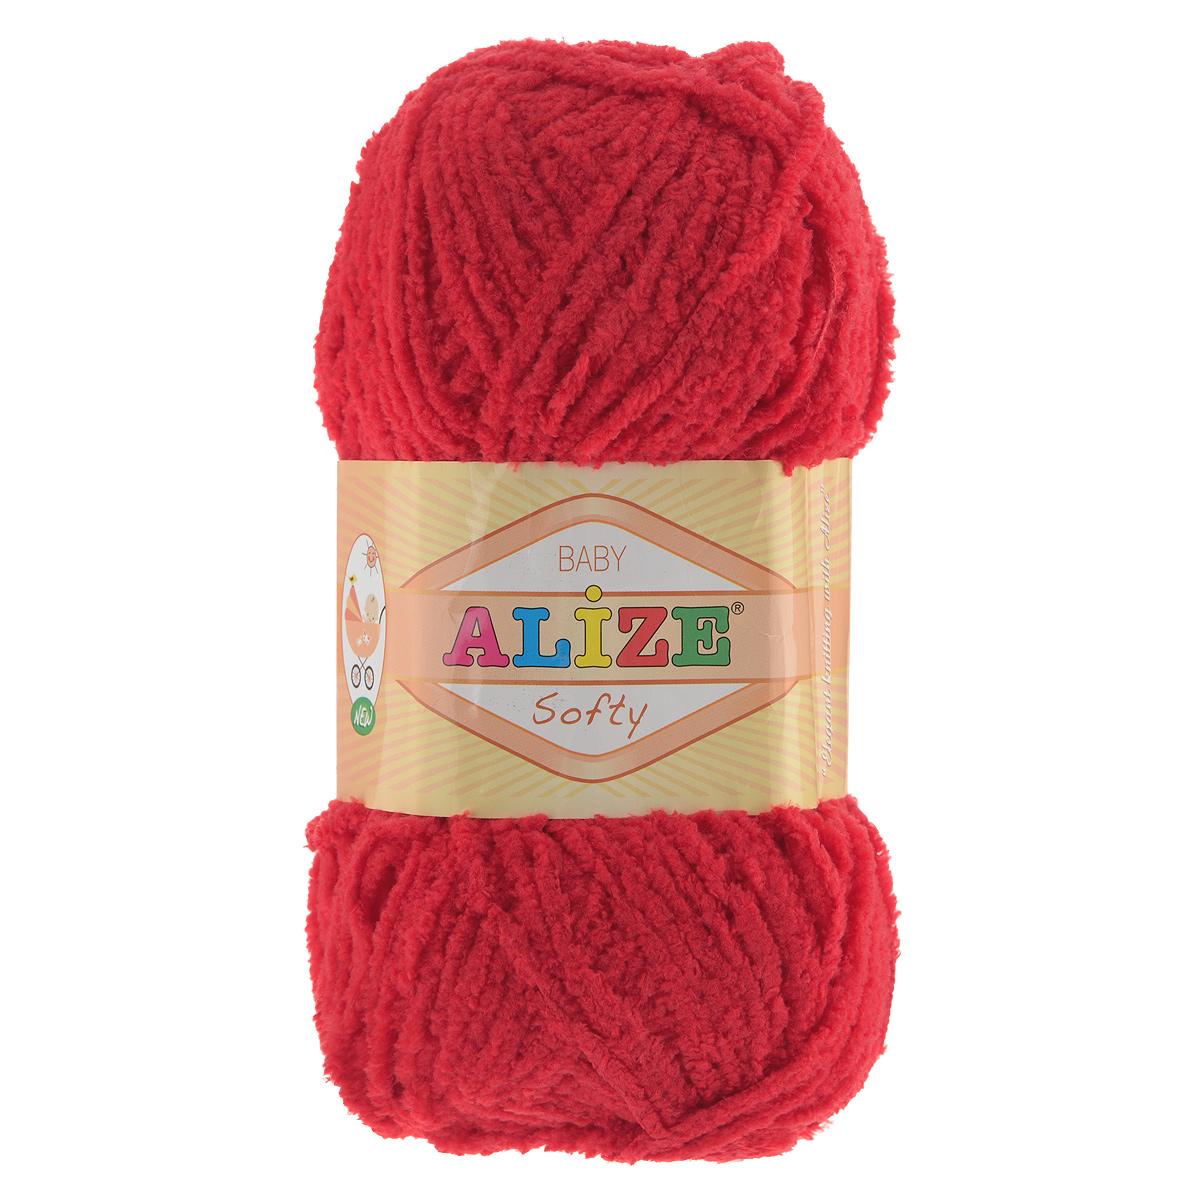 Пряжа для вязания Alize Softy, цвет: красный (56), 115 м, 50 г, 5 шт694530_56Пряжа для вязания Alize Softy изготовлена из микрополиэстера. Фантазийная плюшевая пряжа для ручного вязания прекрасно подойдет для детской одежды. Ниточка мягкая и приятная на ощупь. Подходит для вязания спицами и крючком. Рекомендованные спицы 3-5 мм и крючок для вязания 2-4 мм. Комплектация: 5 мотков.